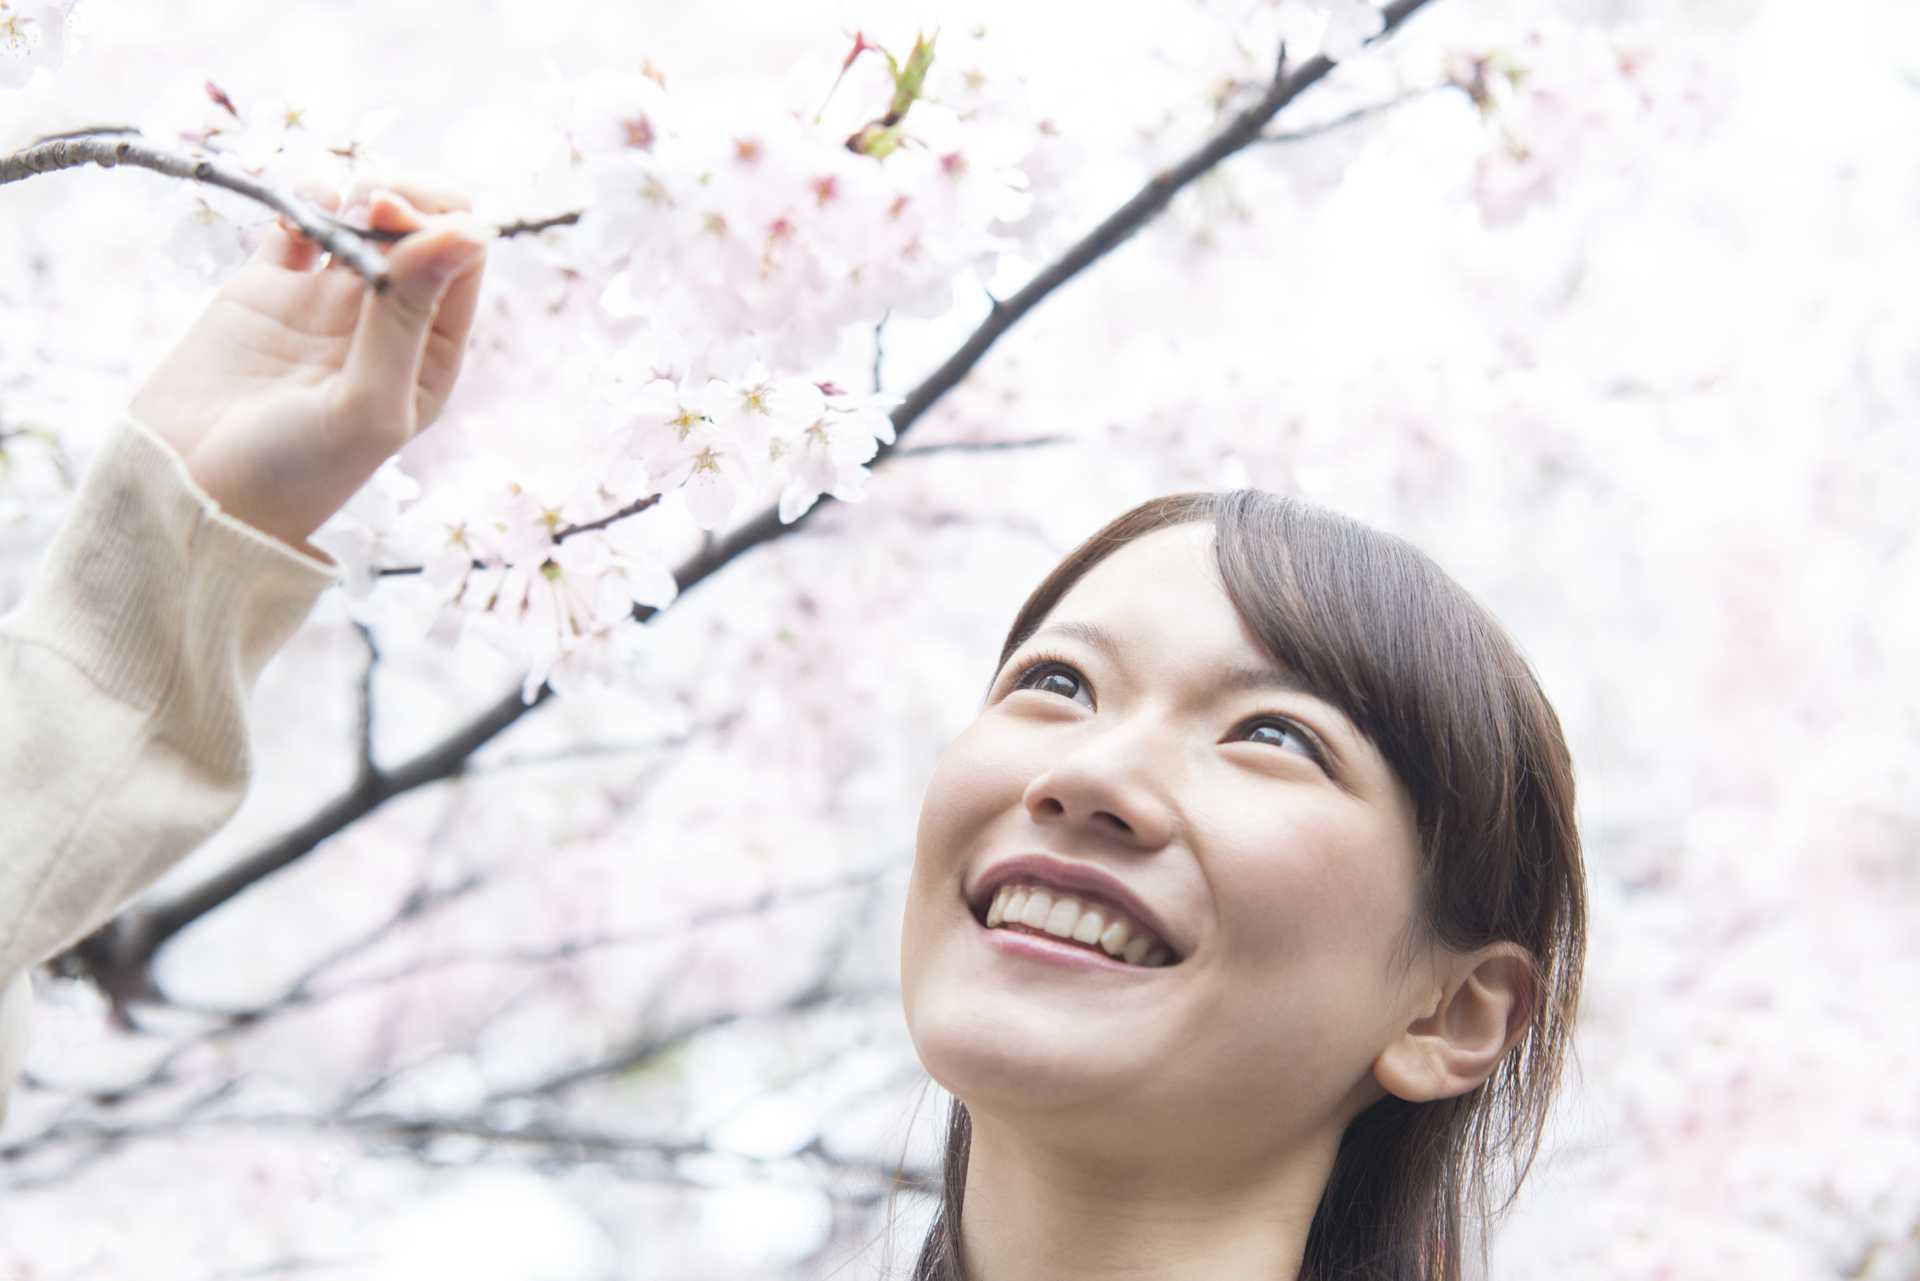 満足の基準は、上げるのではなく下げるのが、幸せの近道。 | 人生を楽しく生きる30の方法